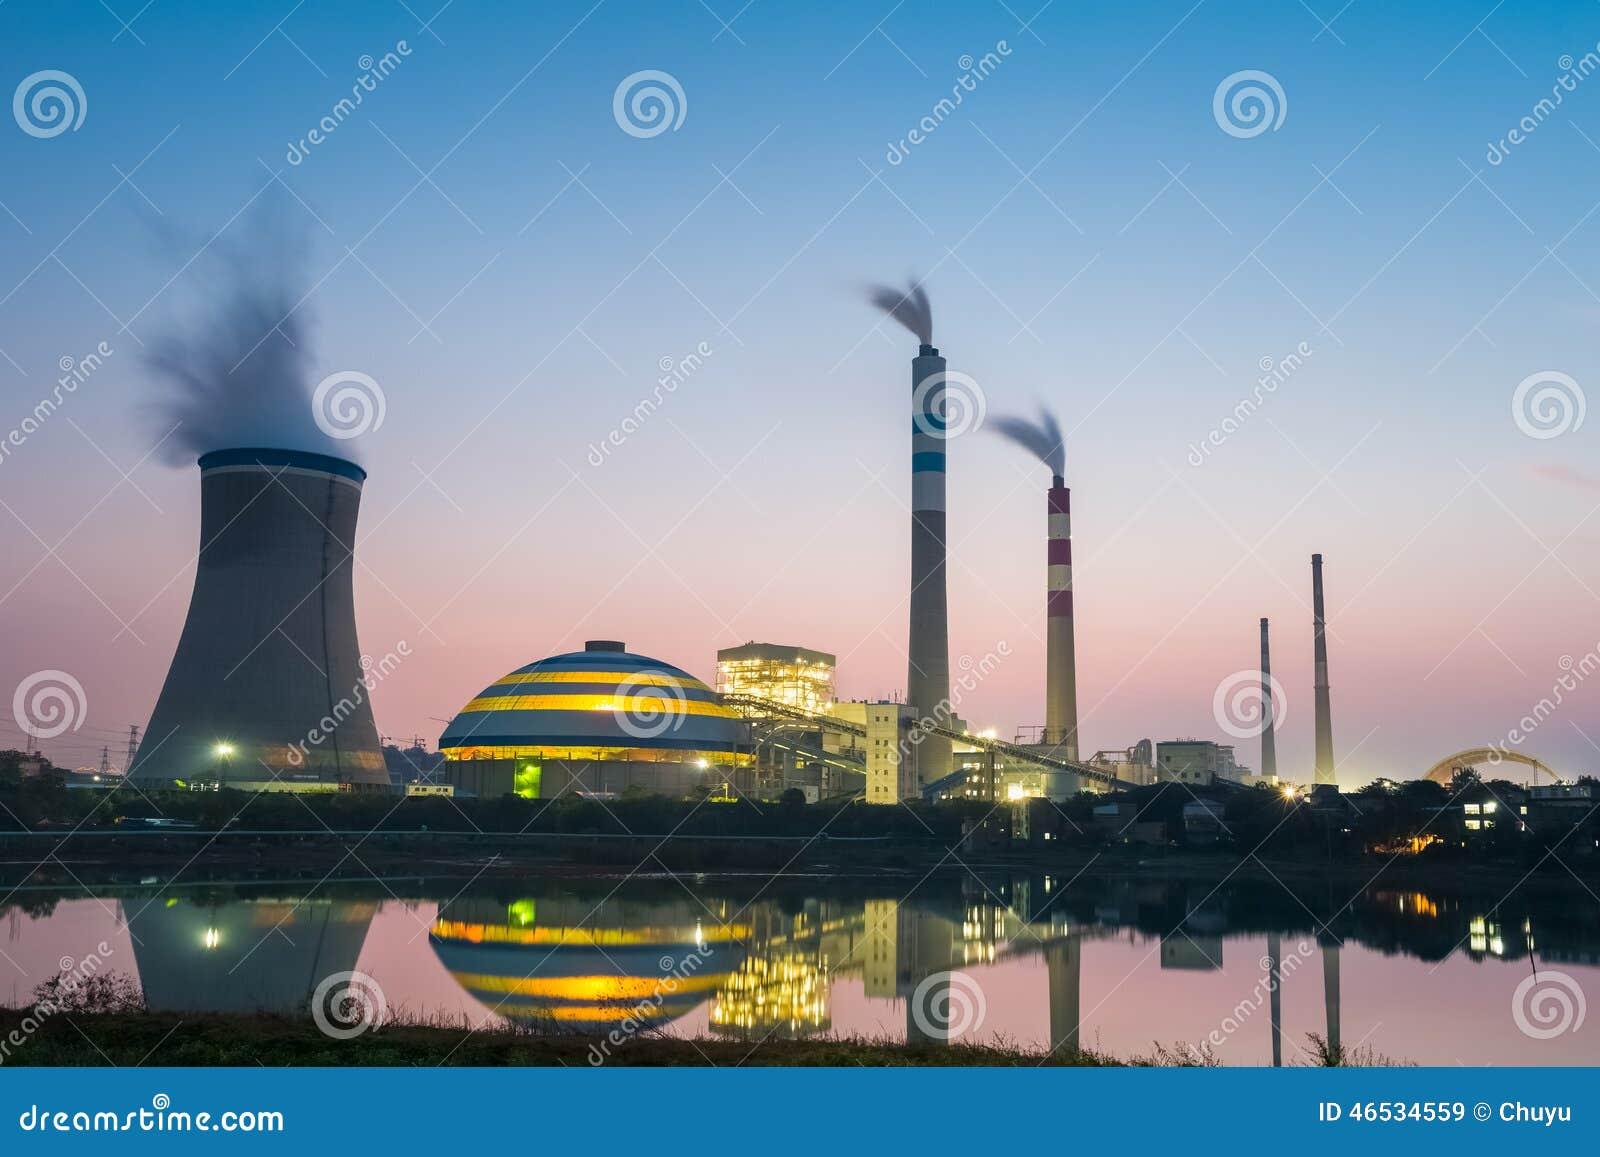 Εγκαταστάσεις παραγωγής ενέργειας άνθρακα στο σούρουπο